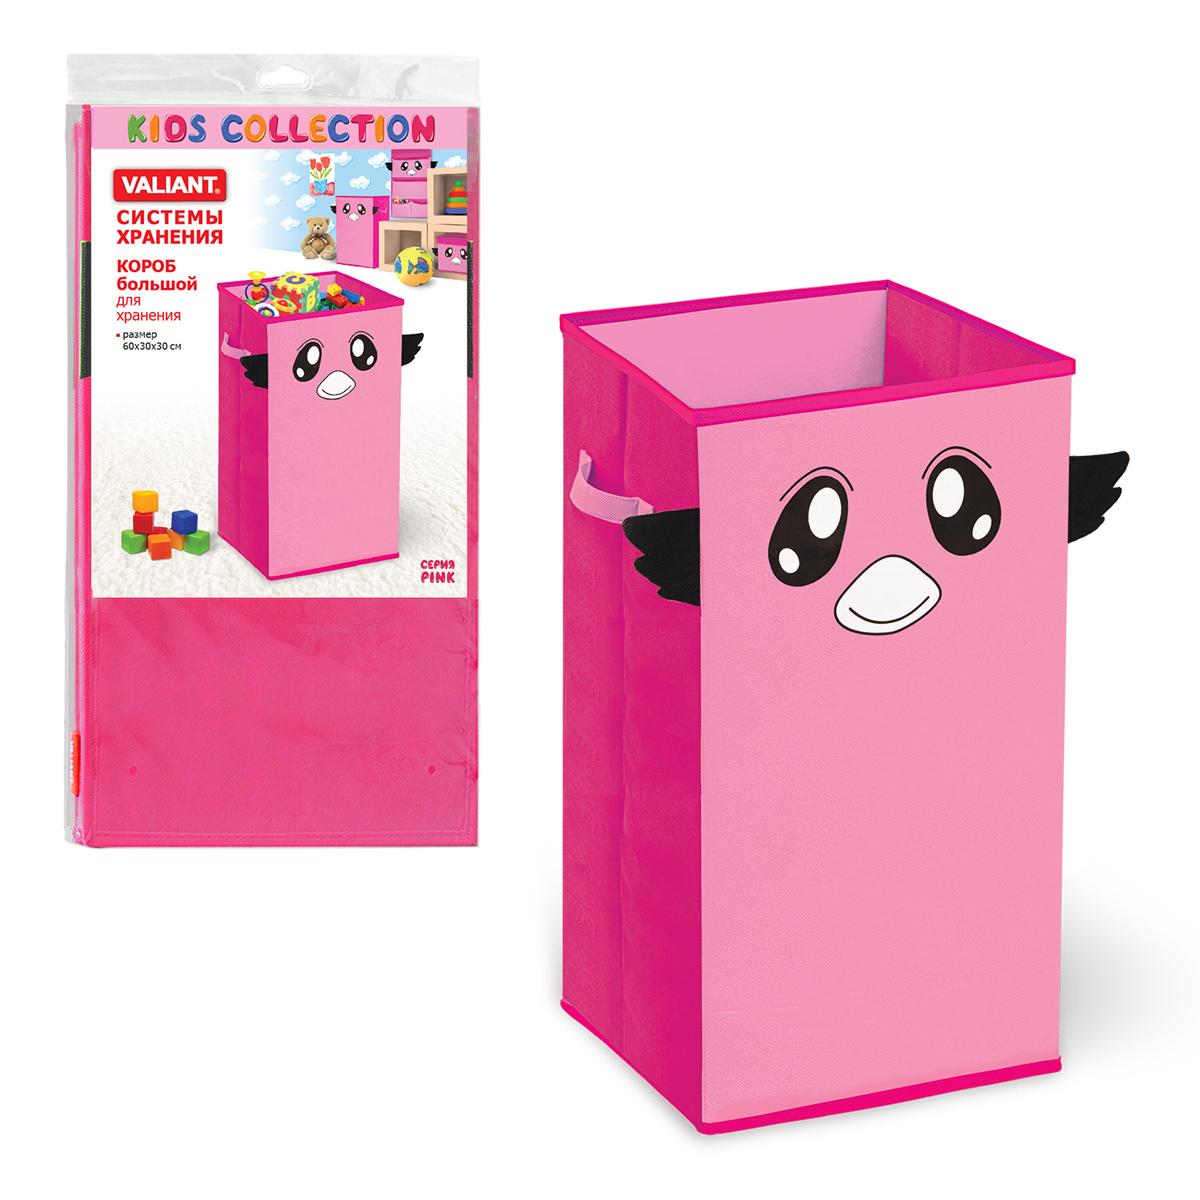 VAL PNK-09 Короб для хранения, 60*30*30 см, цвет: розовыйPNK-09VAL PNK-09 Короб для хранения, 60*30*30 см